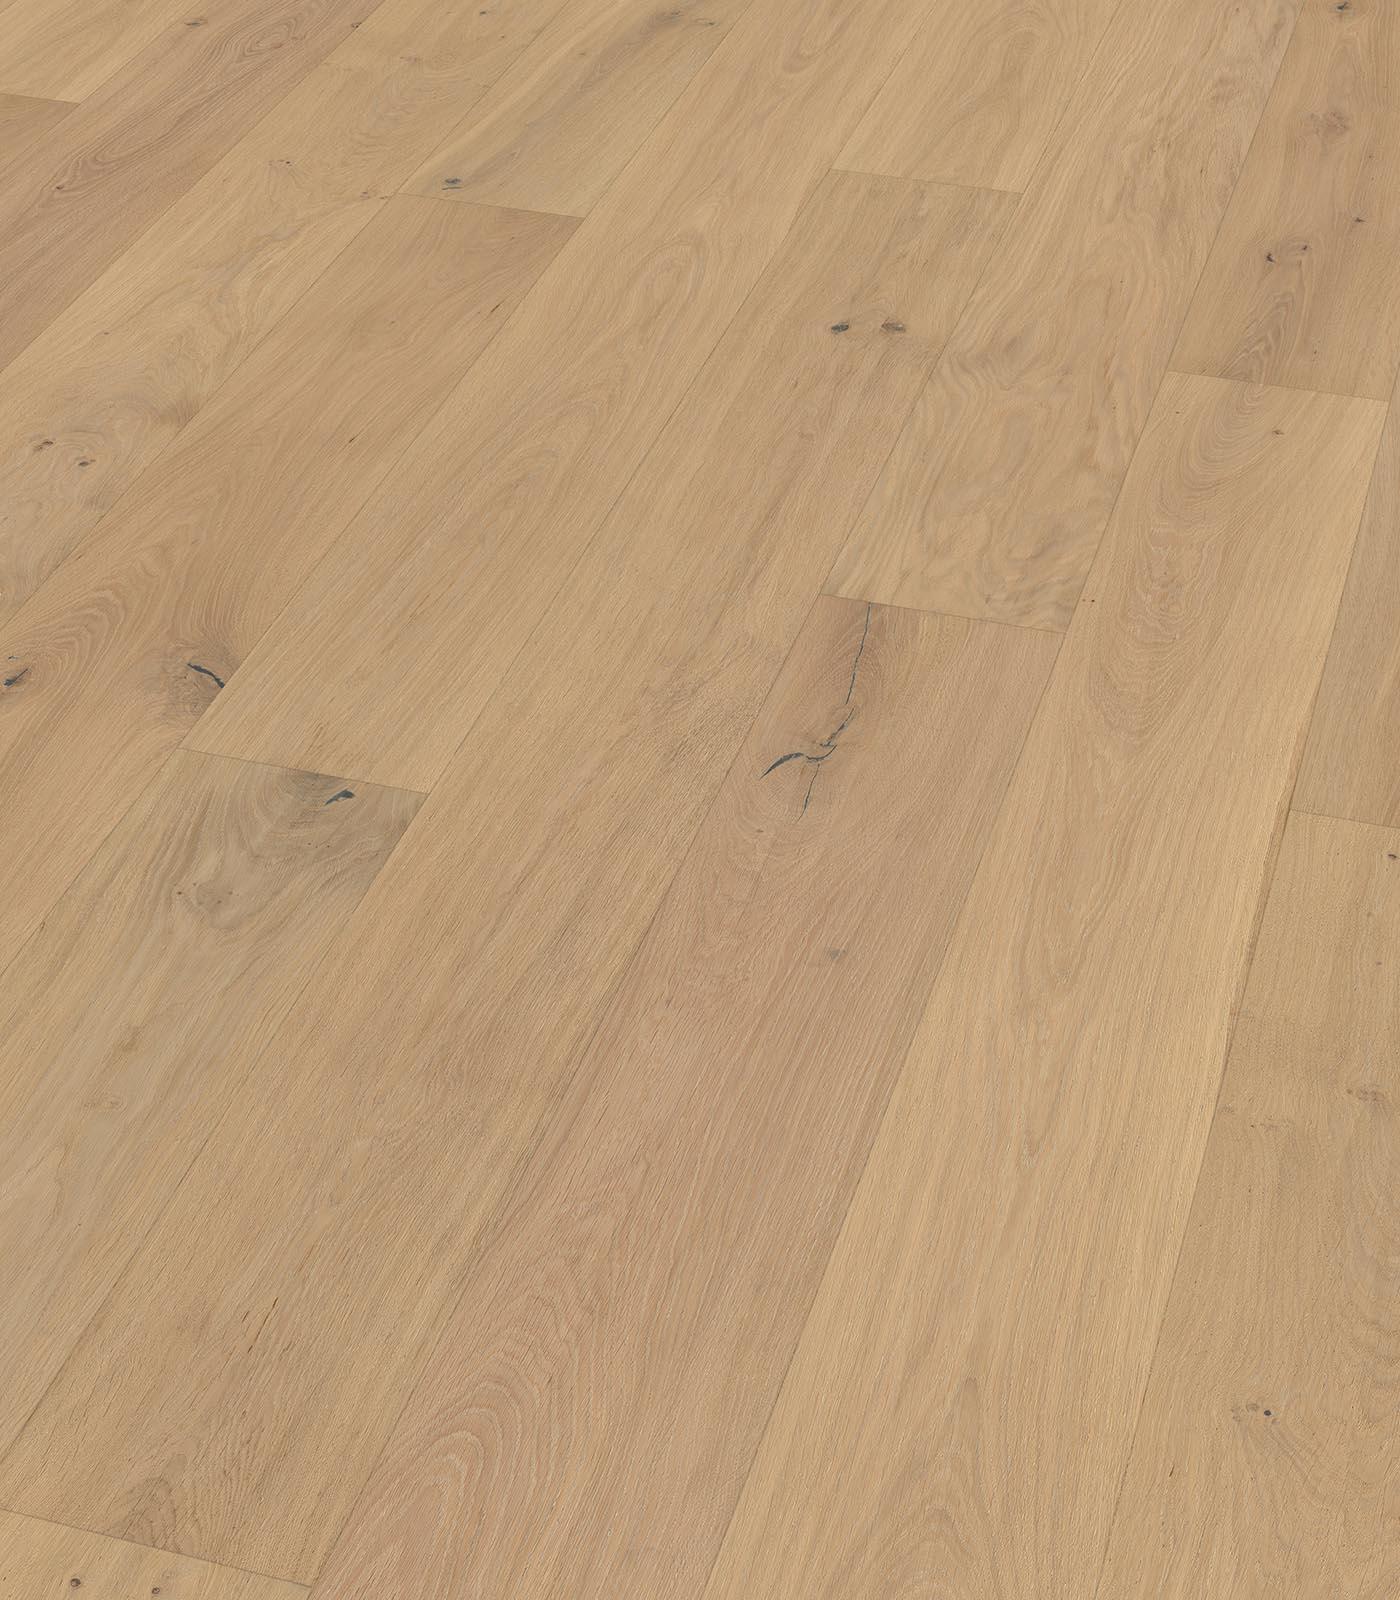 Cotopaxi Antique Collection European Oak Flooring-angle